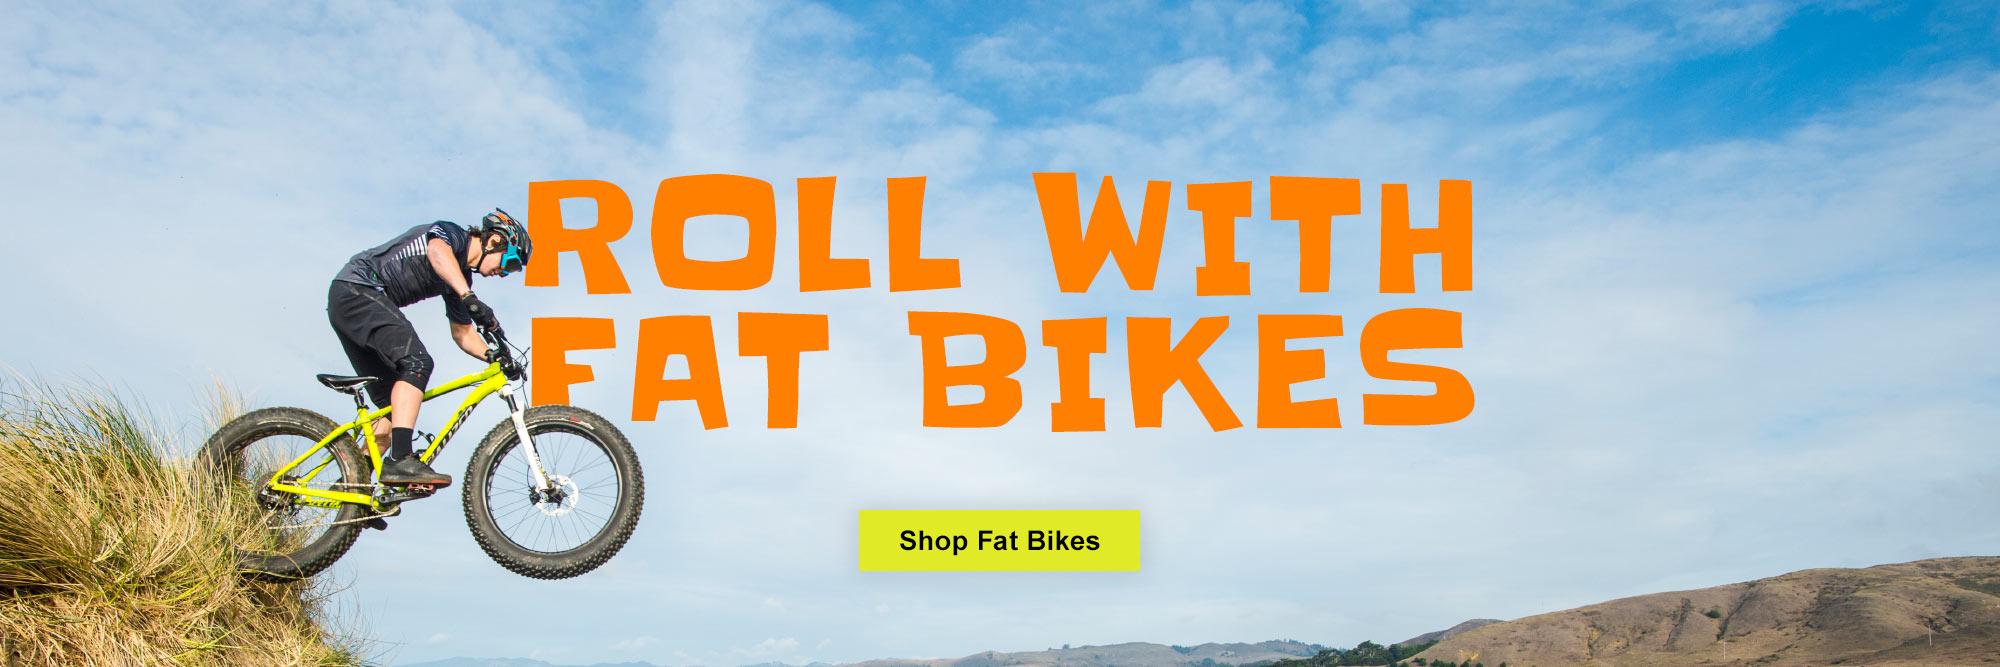 Fat Bikes at Village CycleSport